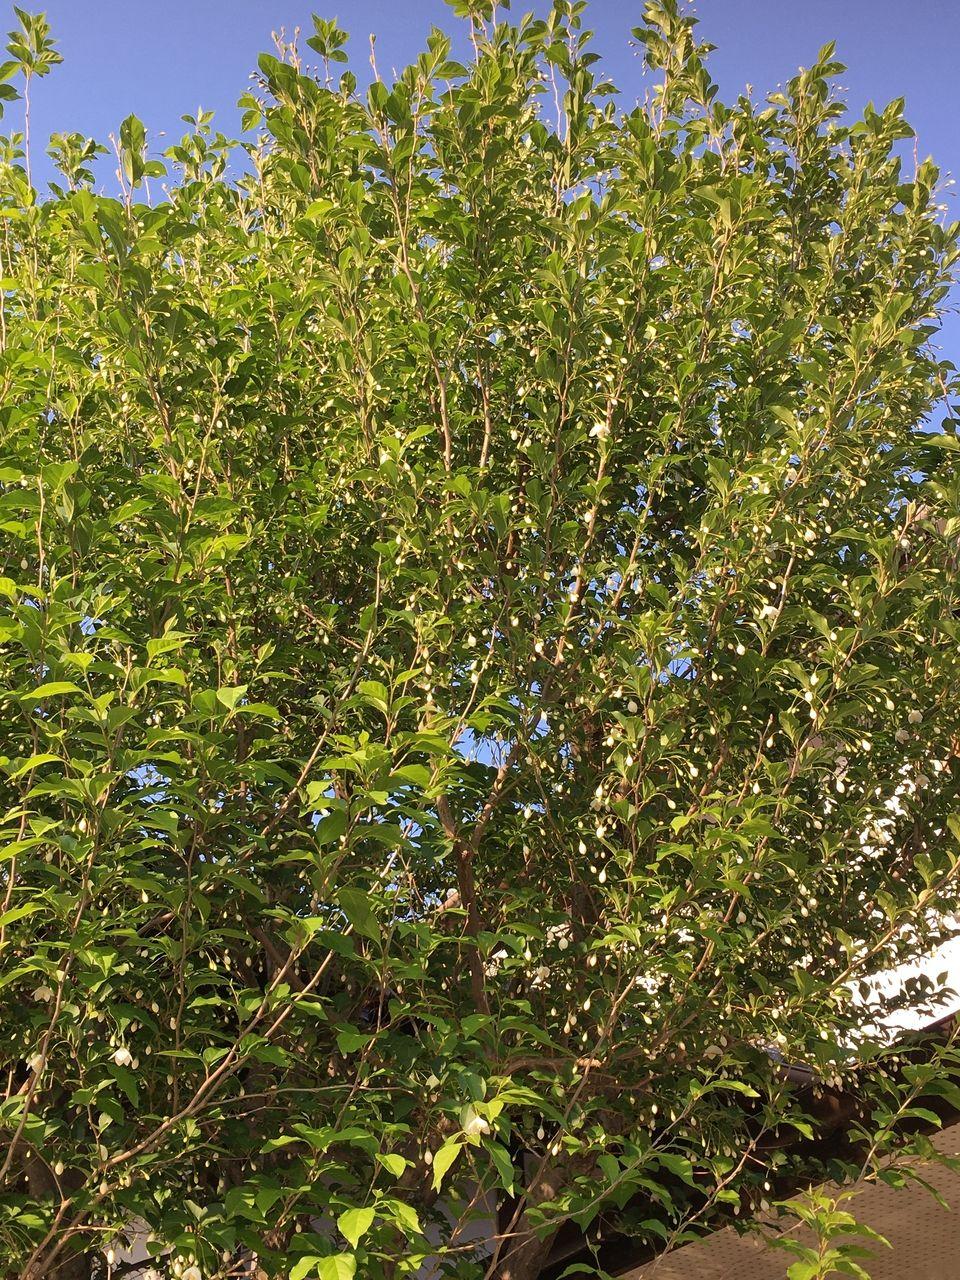 事務所の庭に咲くエゴノキのつぼみ